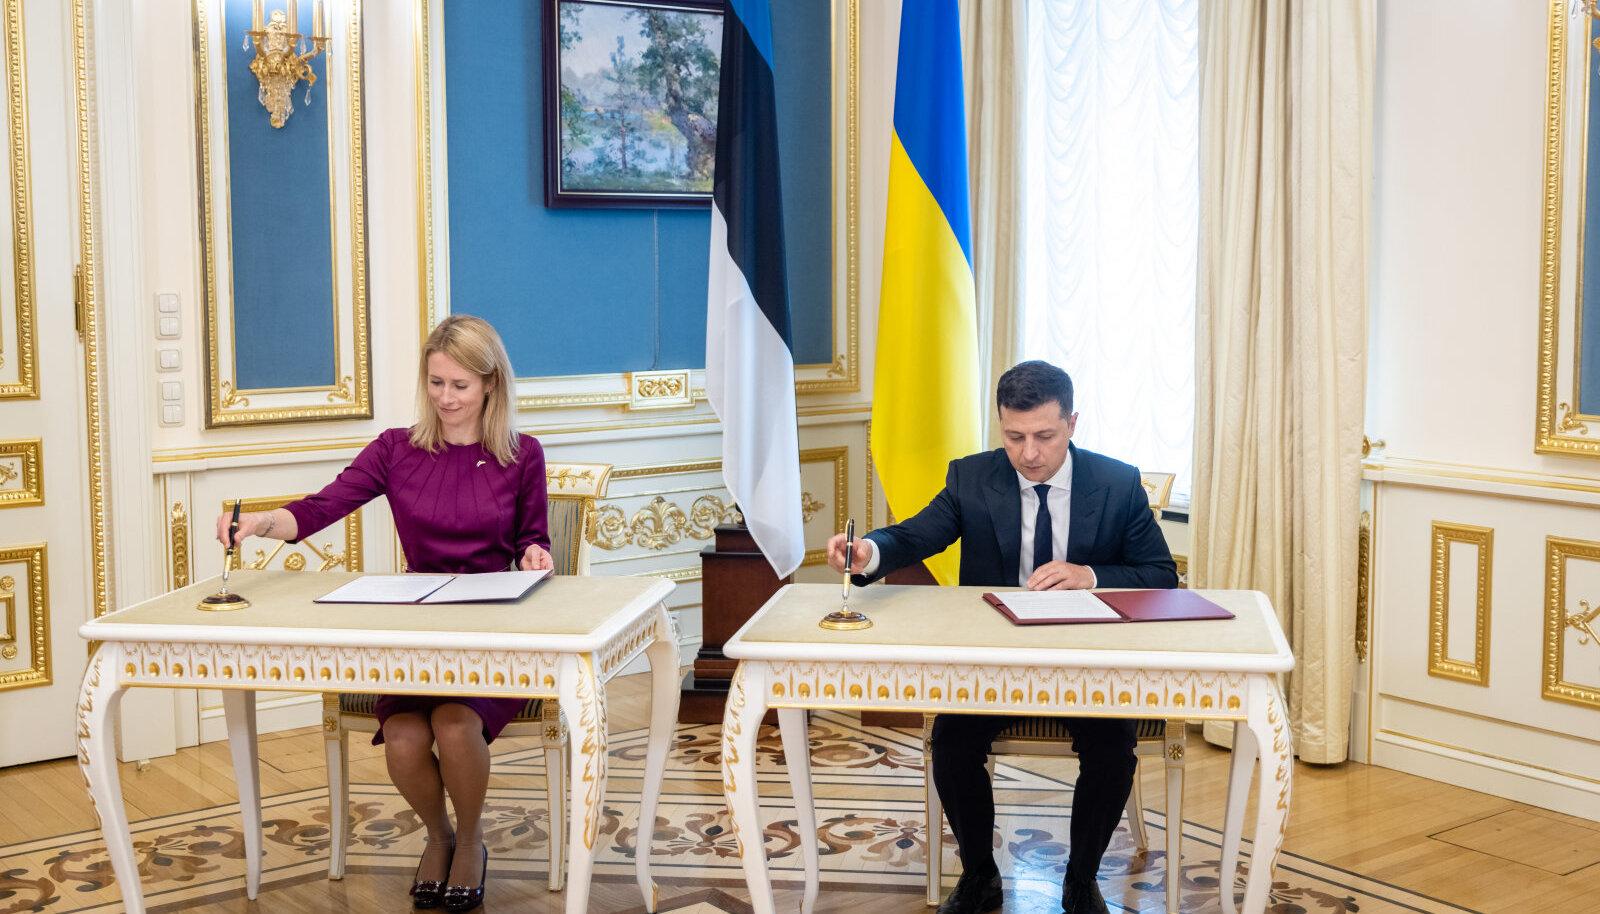 Peaminister Kaja Kallas ja Ukraina president Volodõmõr Zelenskõi allkirjastamas avaldust, millega Eesti toetab Ukraina püüdlusi Euroopa Liiduga ja Natoga liitumiseks.